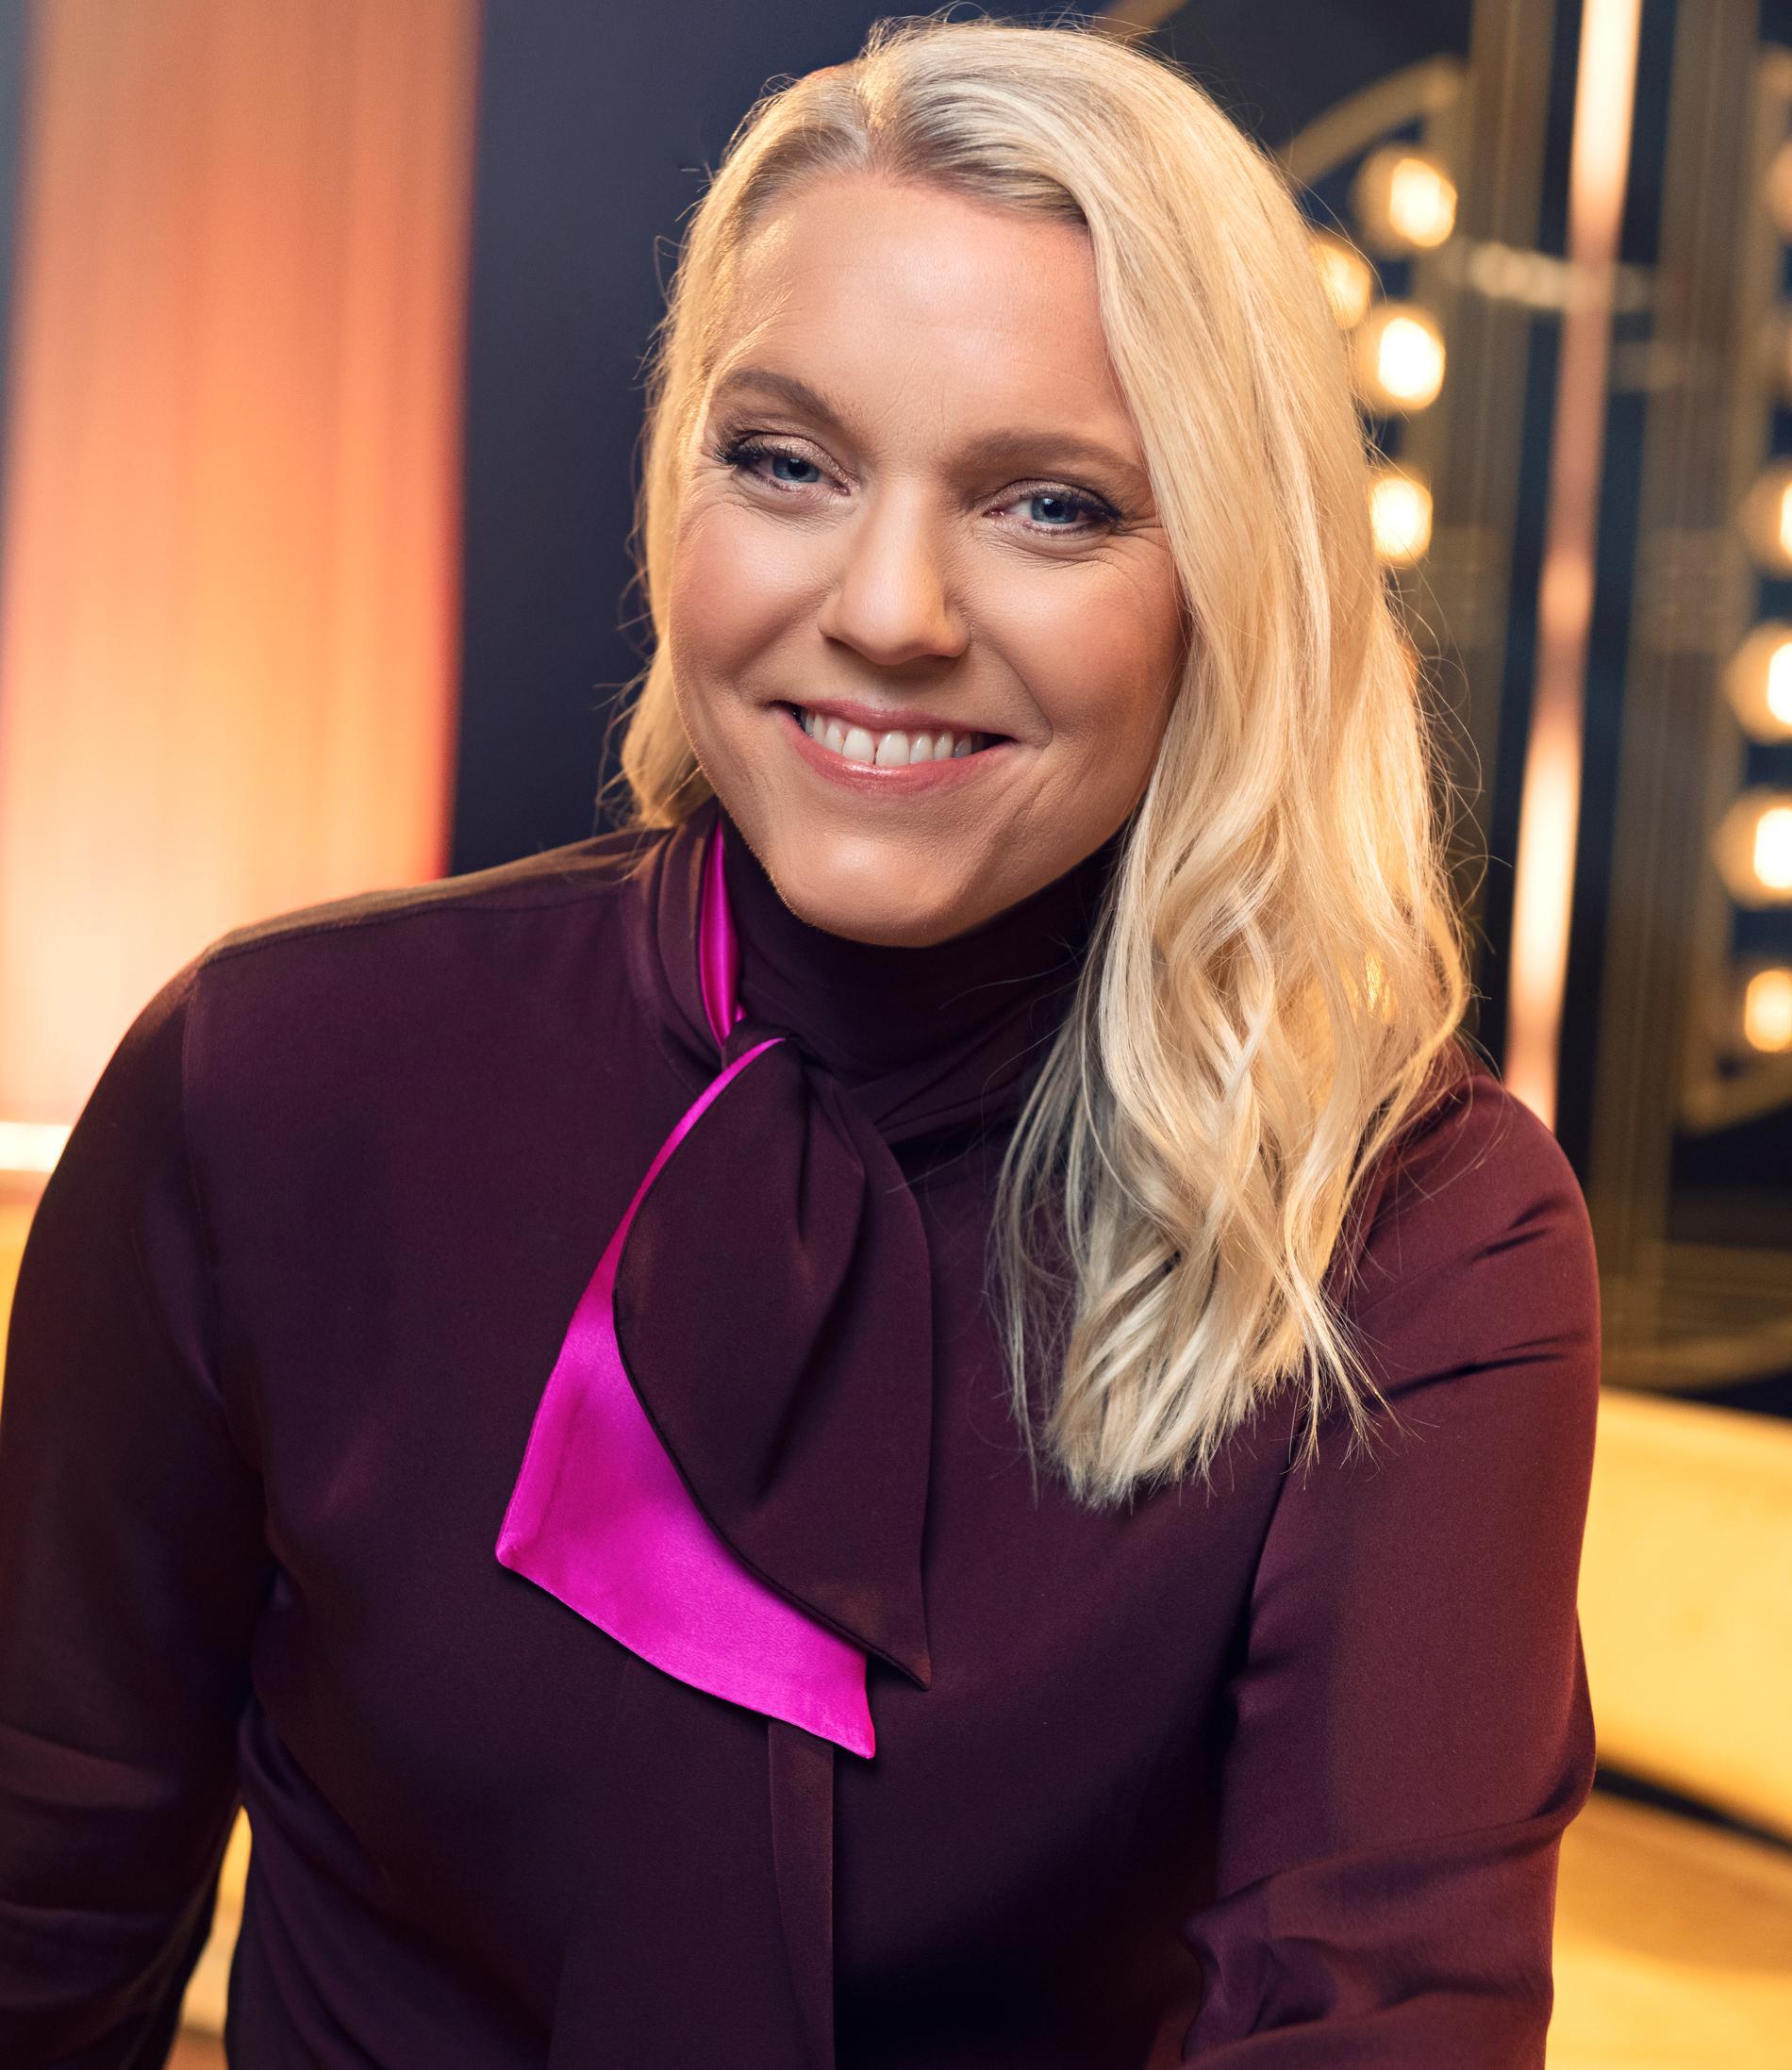 Carina Bergfeldt-